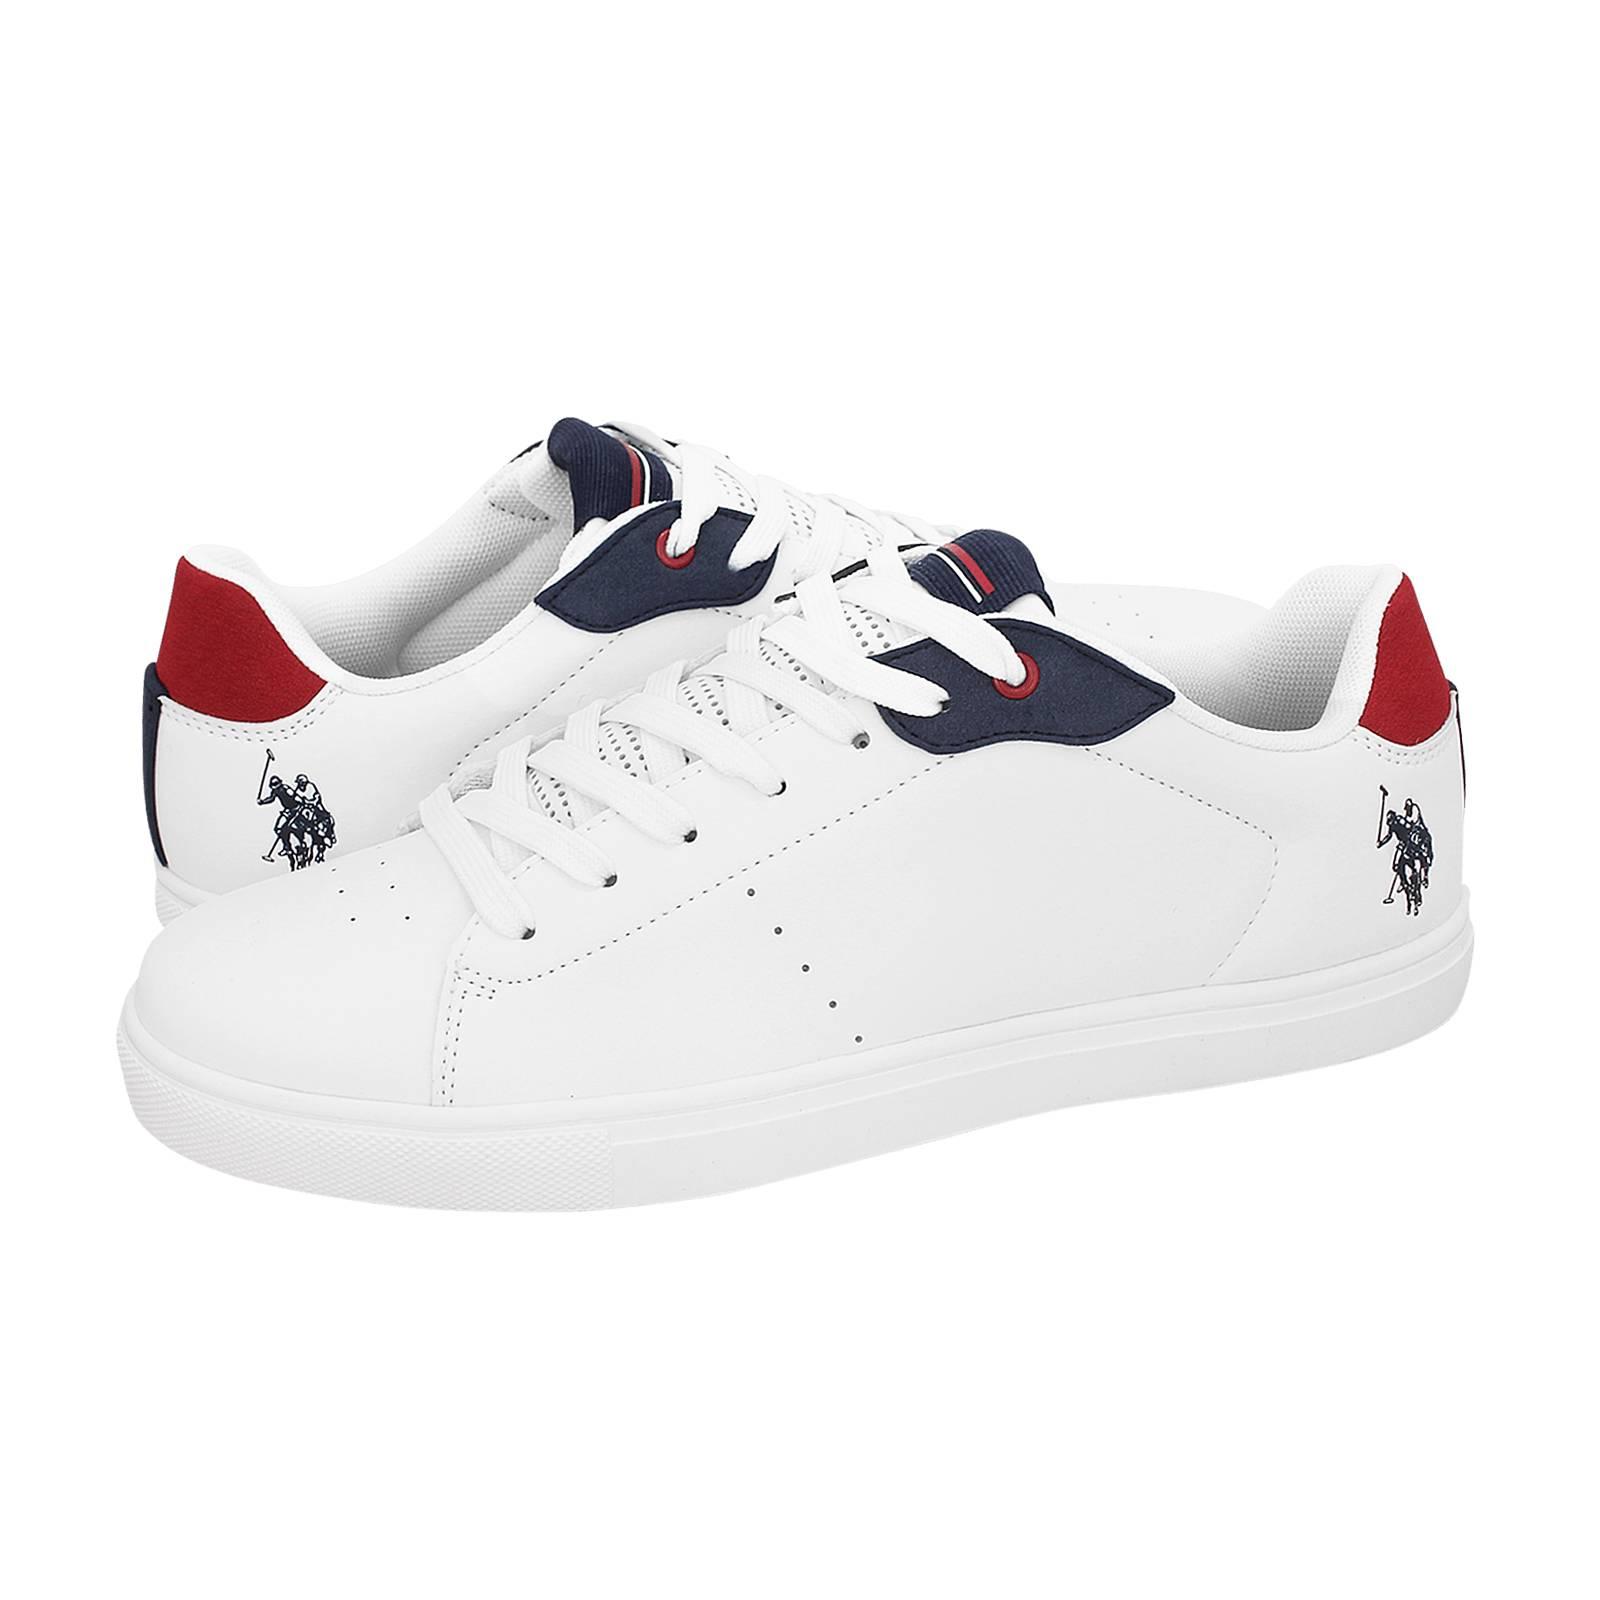 a628c9853c02 Jado - Ανδρικά παπούτσια casual U.S. Polo ASSN από δερμα συνθετικο ...